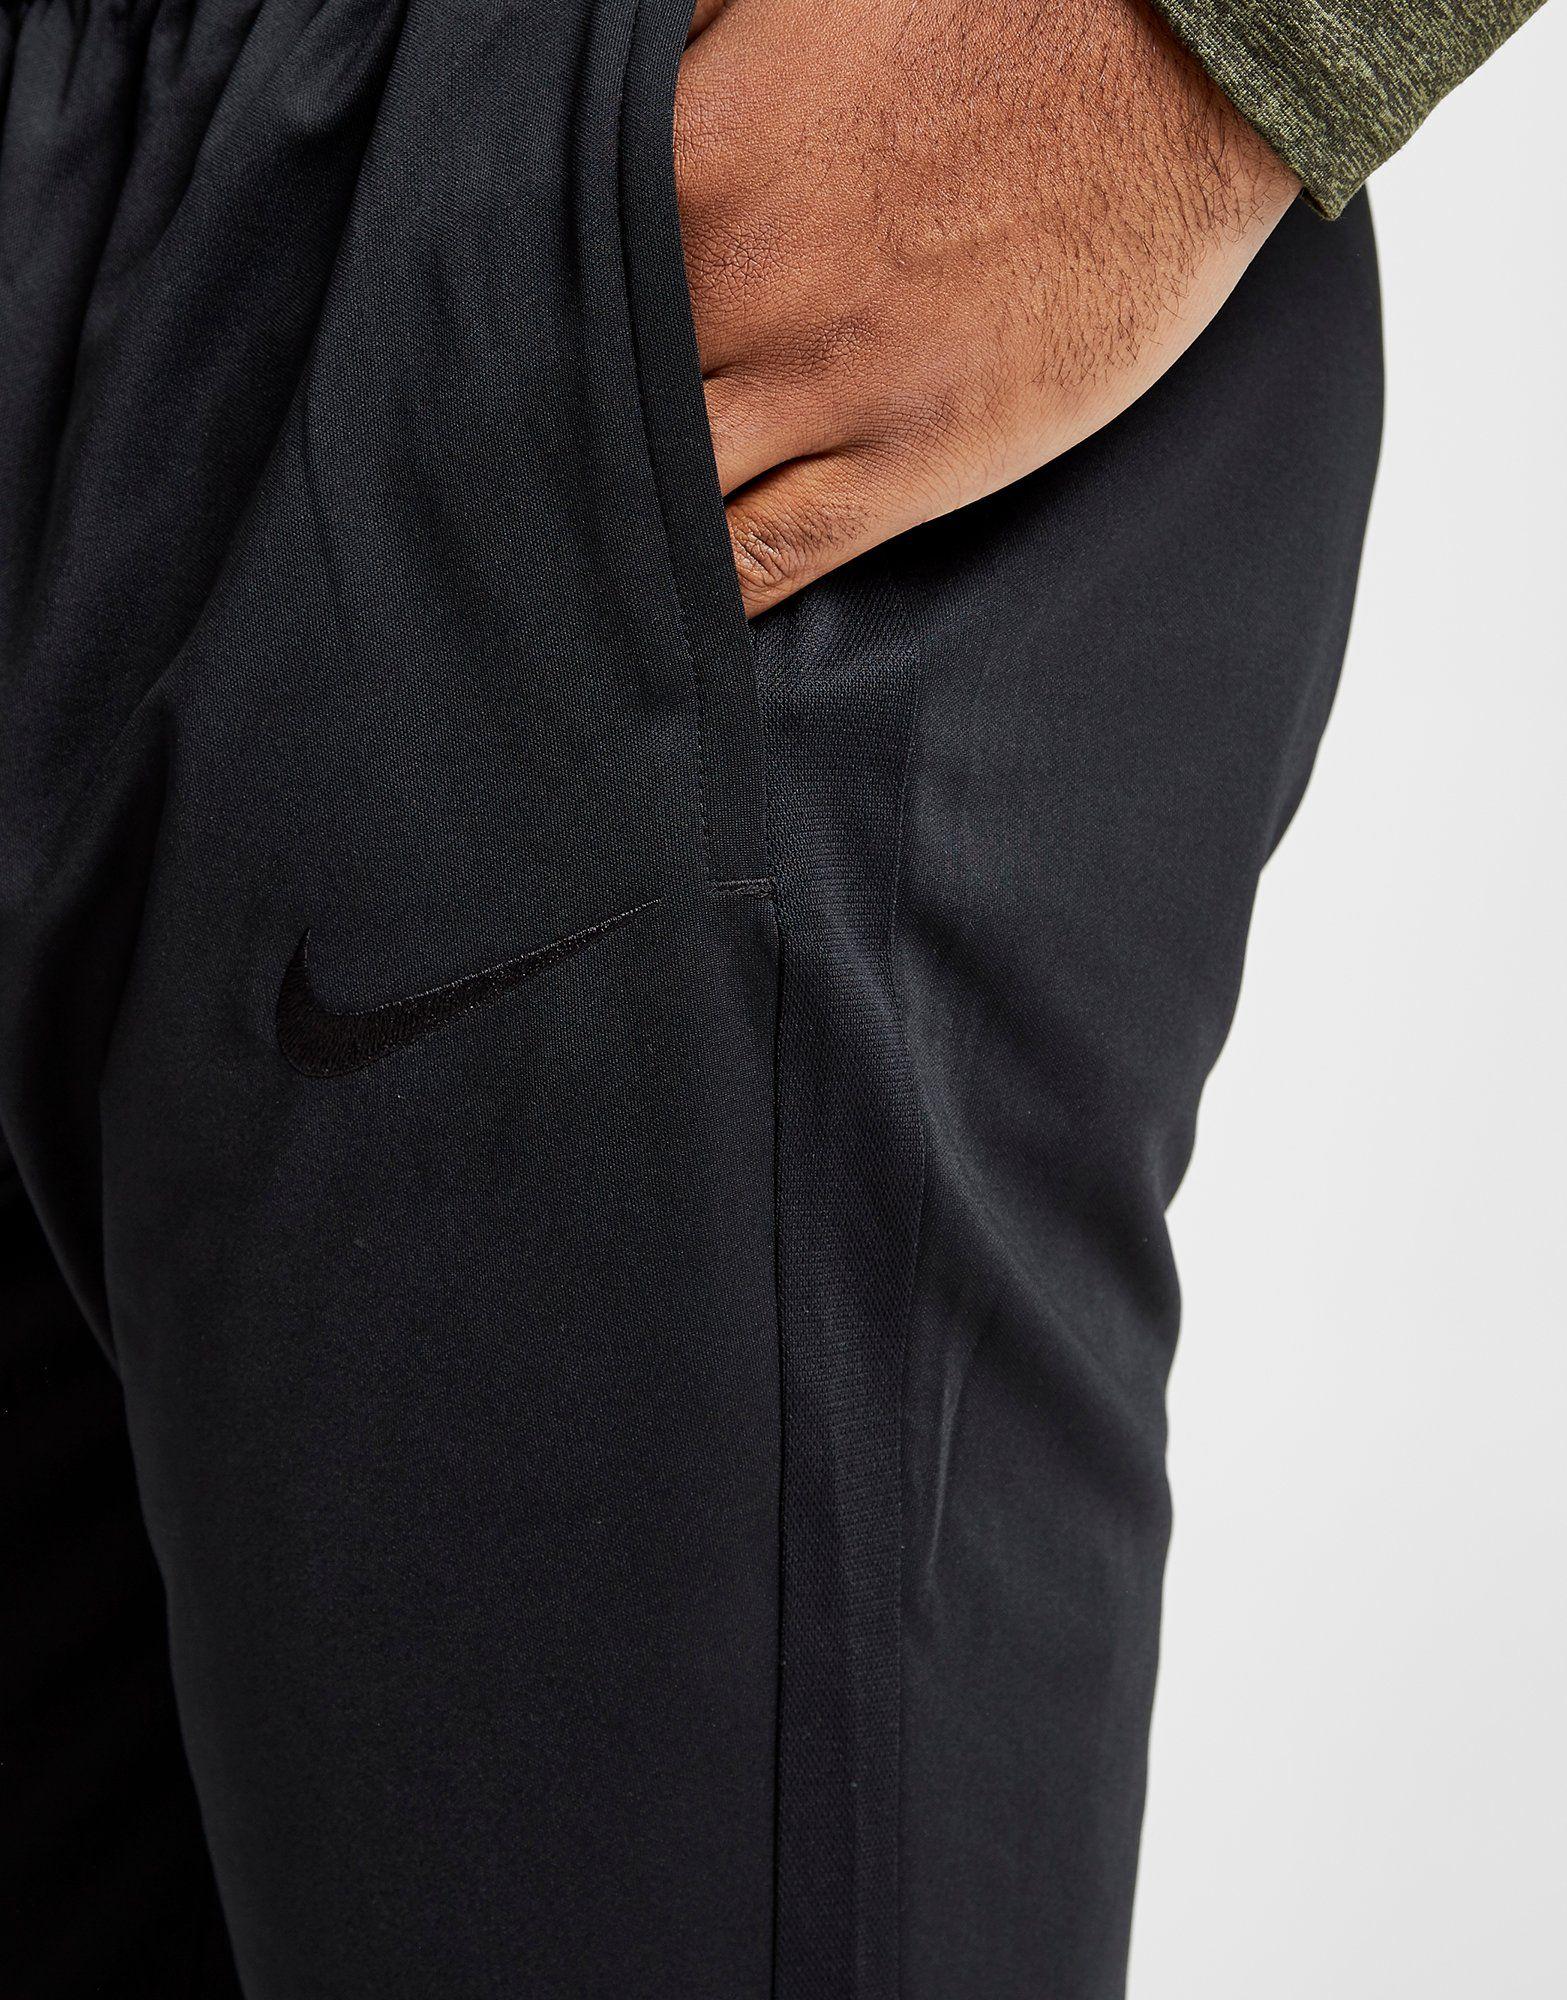 Nike Academy 17 Pants Jd Sports